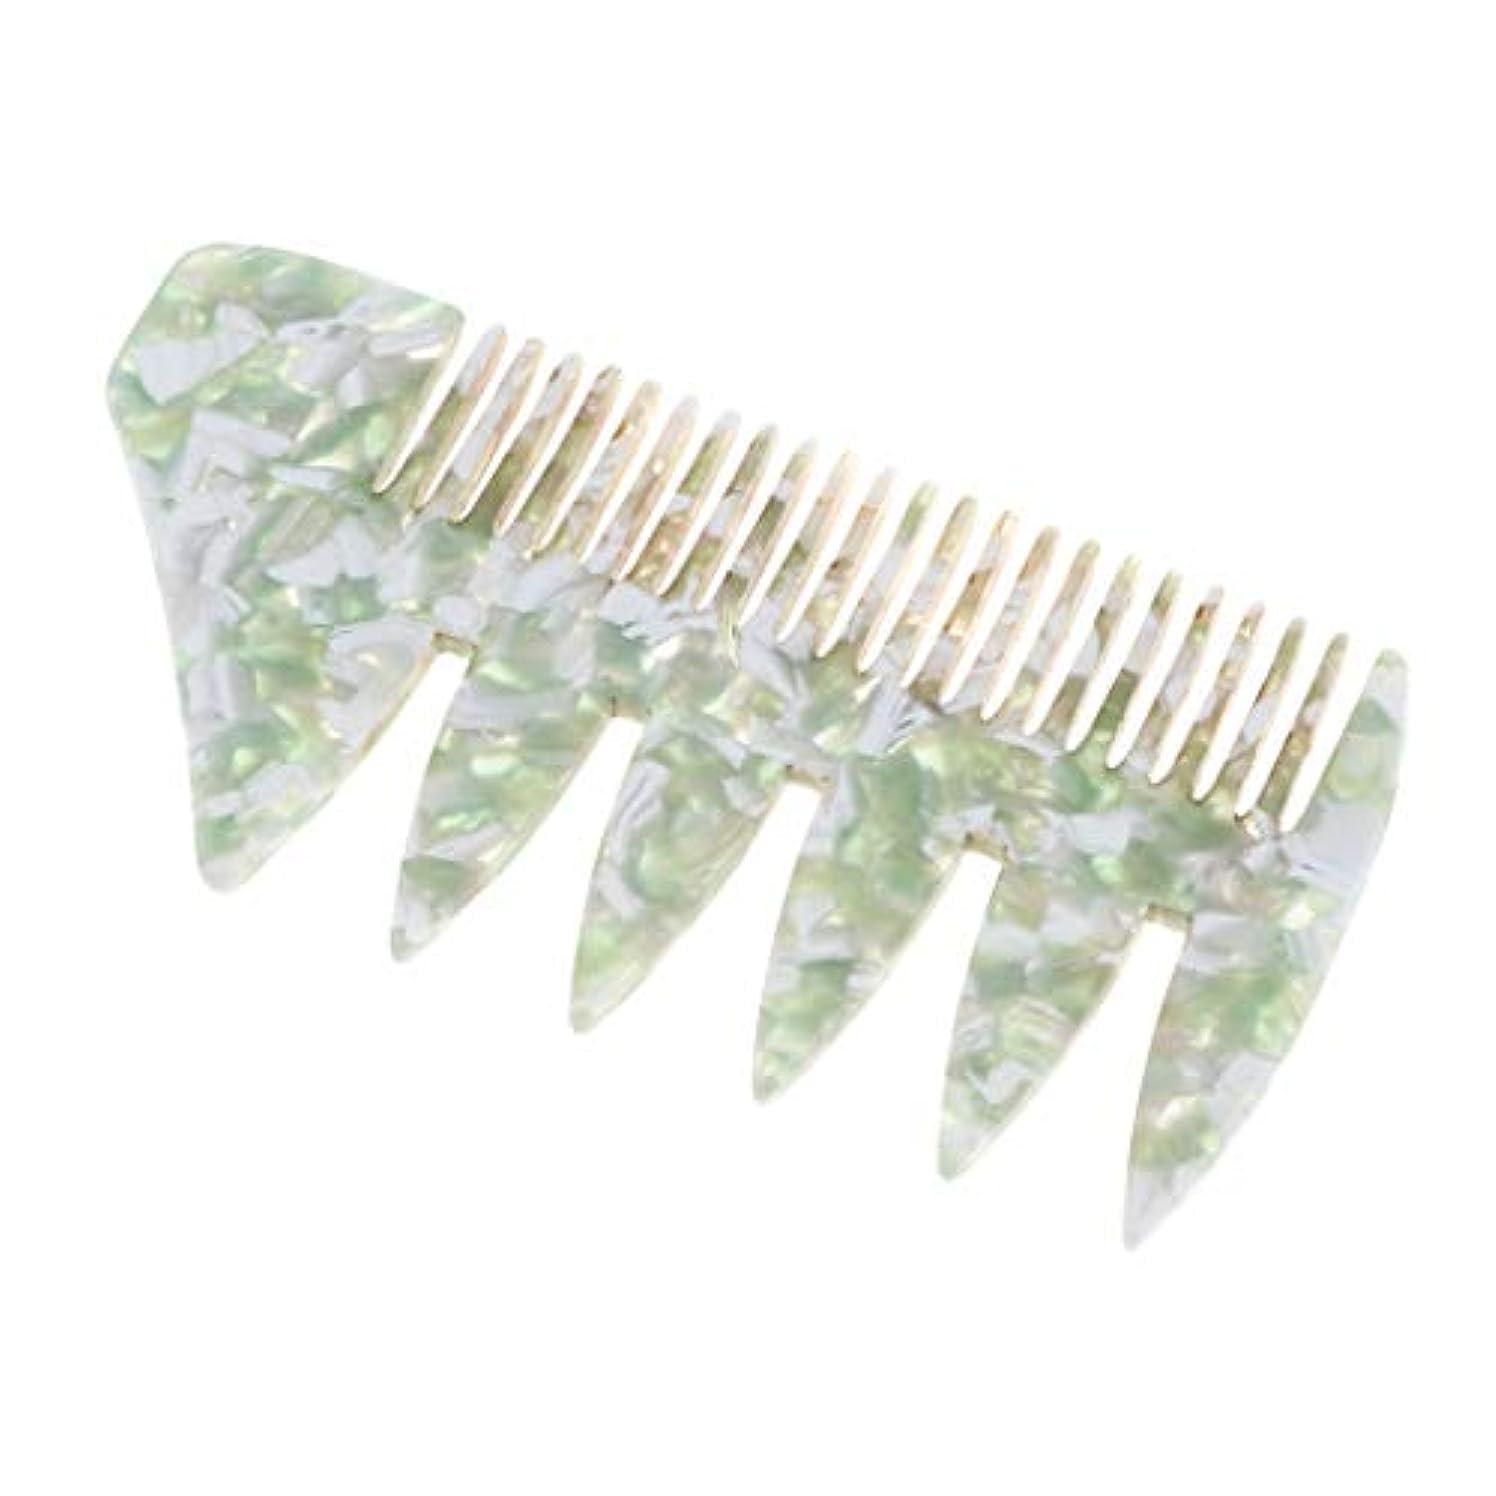 非常にマリンセラープラスチック 広い歯 ヘアスタイリング櫛 くし 全4色 - 緑